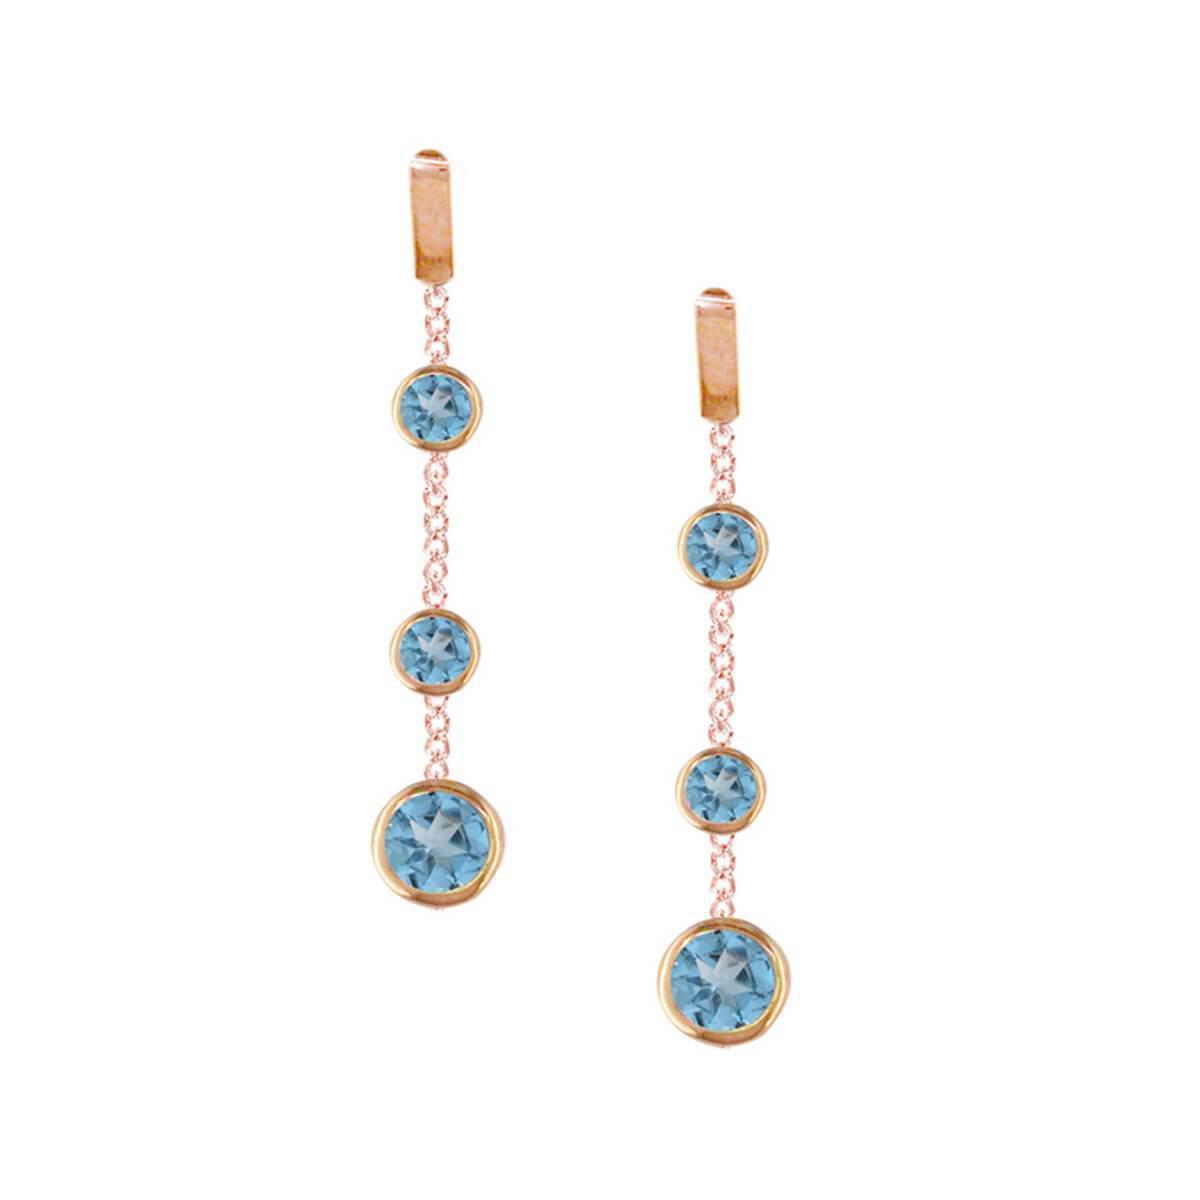 London Road Jewellery Rose Gold Blue Topaz Dew Drop Hoop Earrings NsKyV